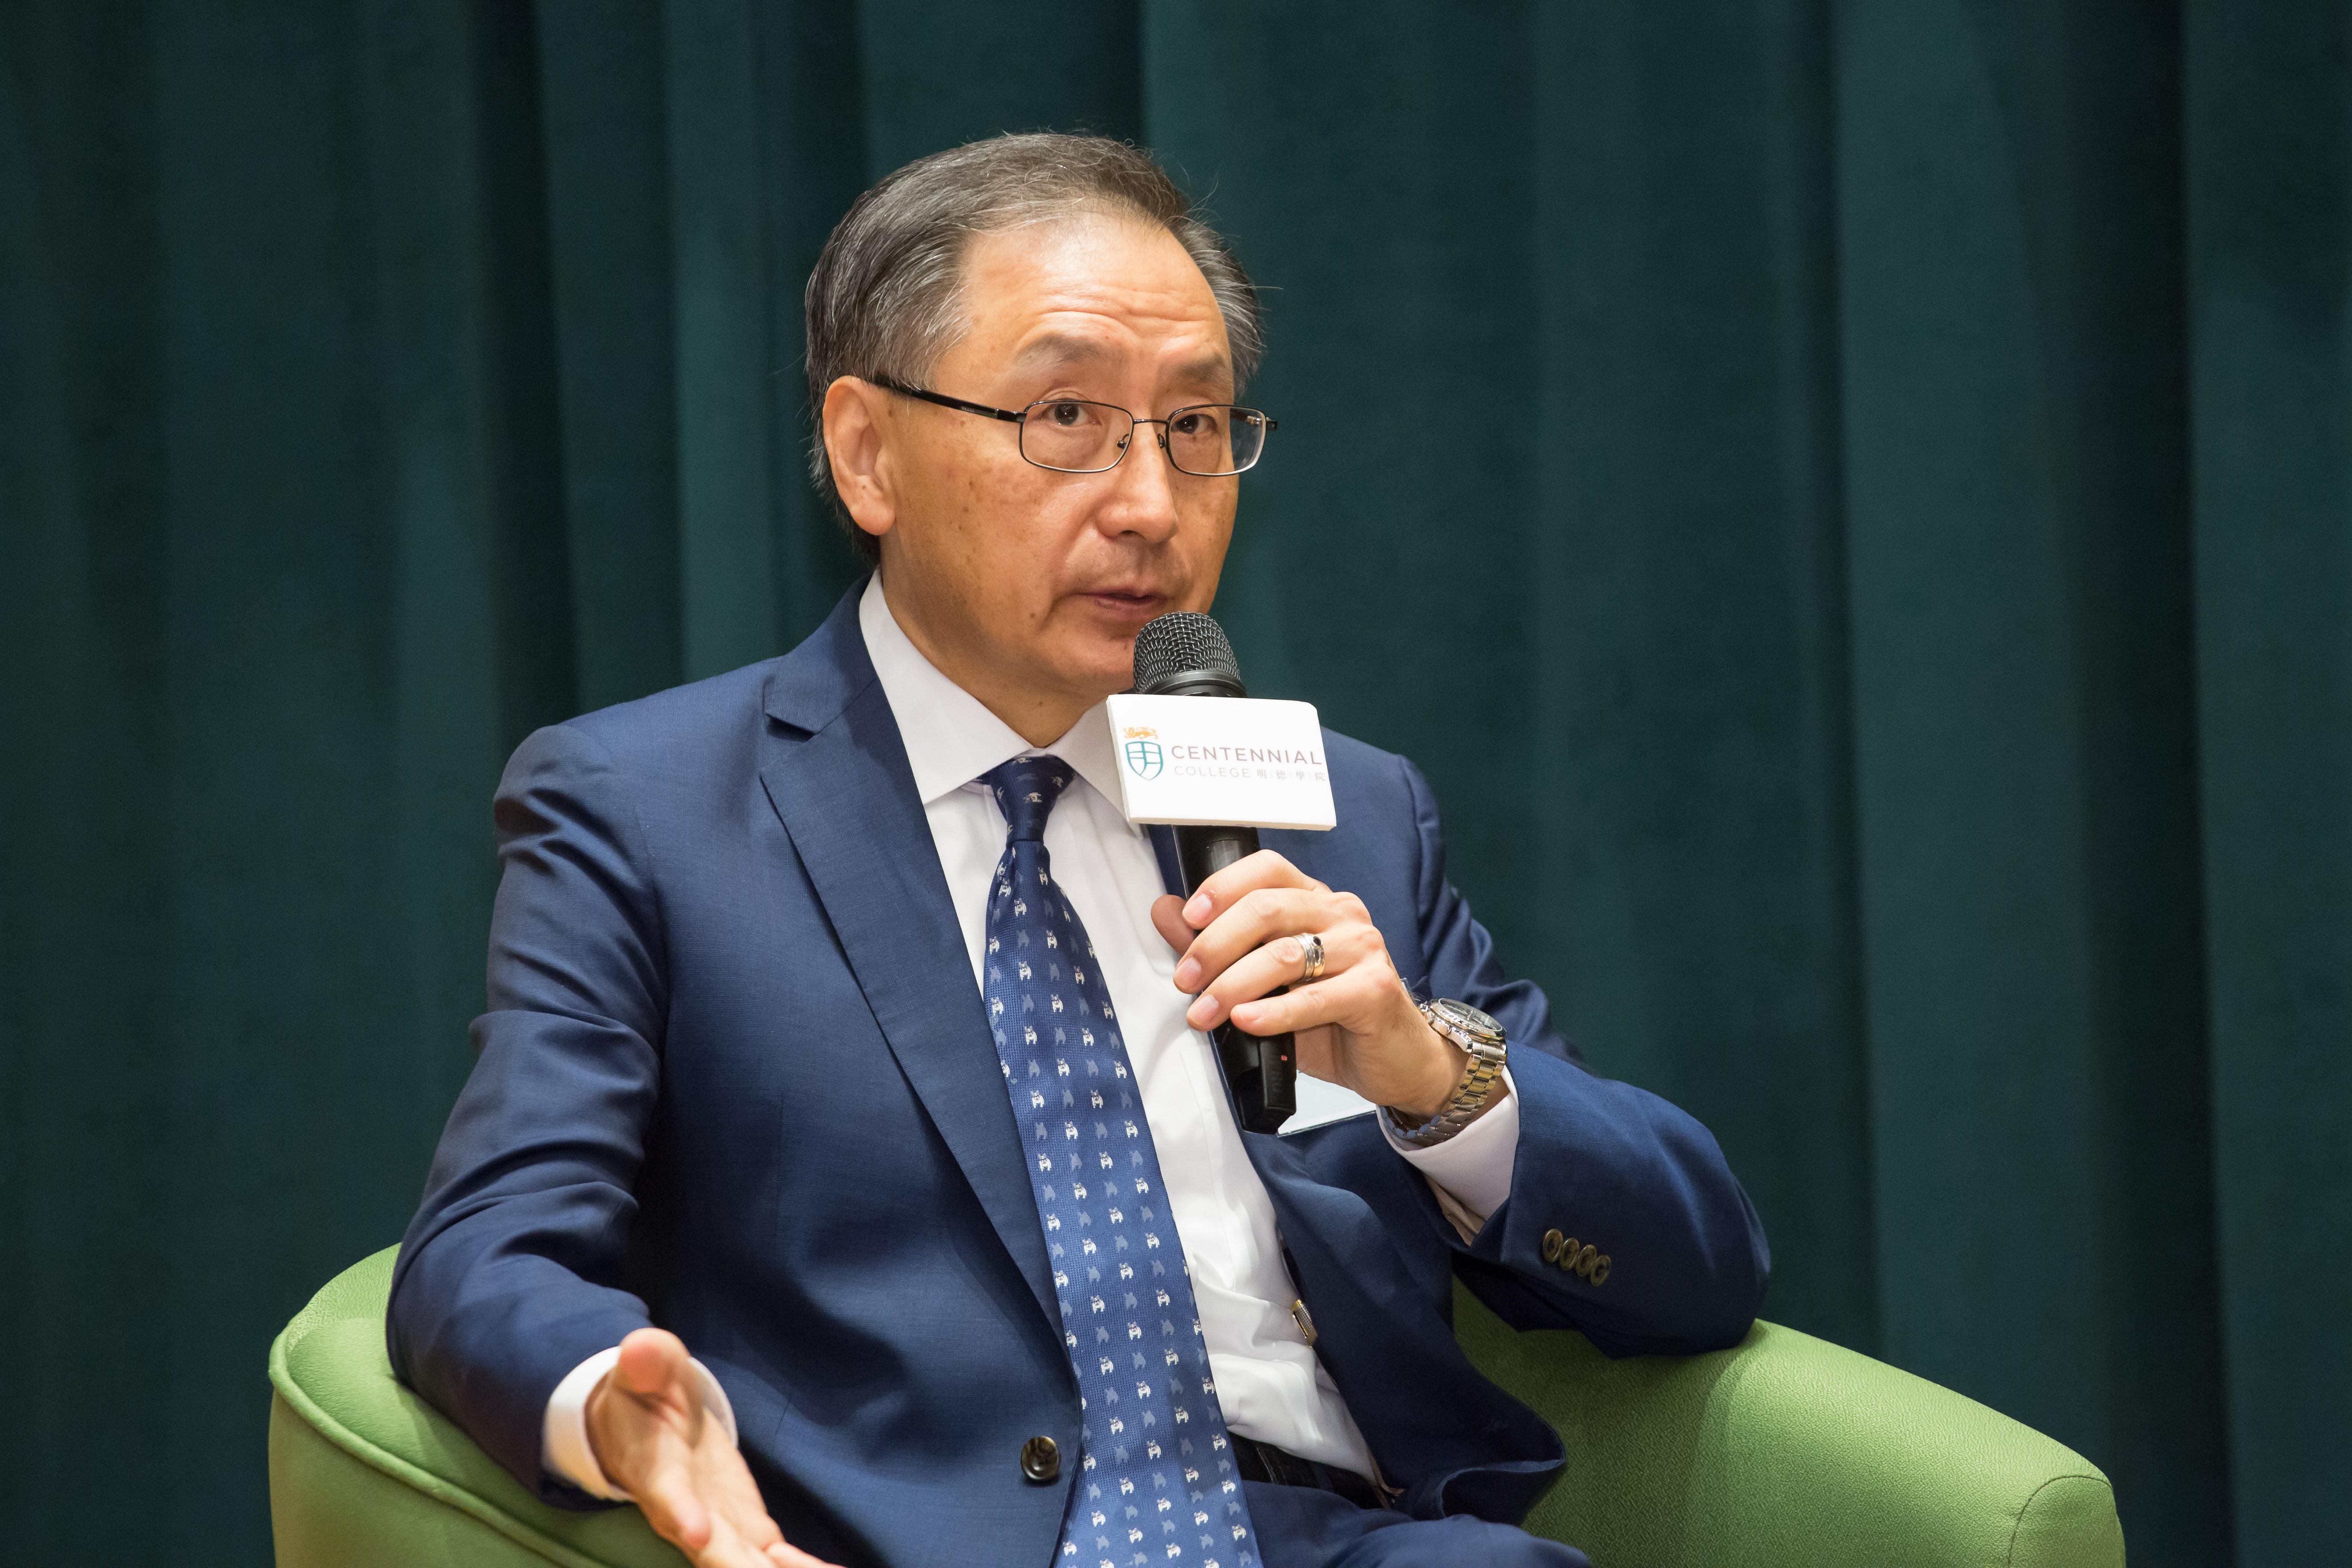 Mr. Sunny Wong